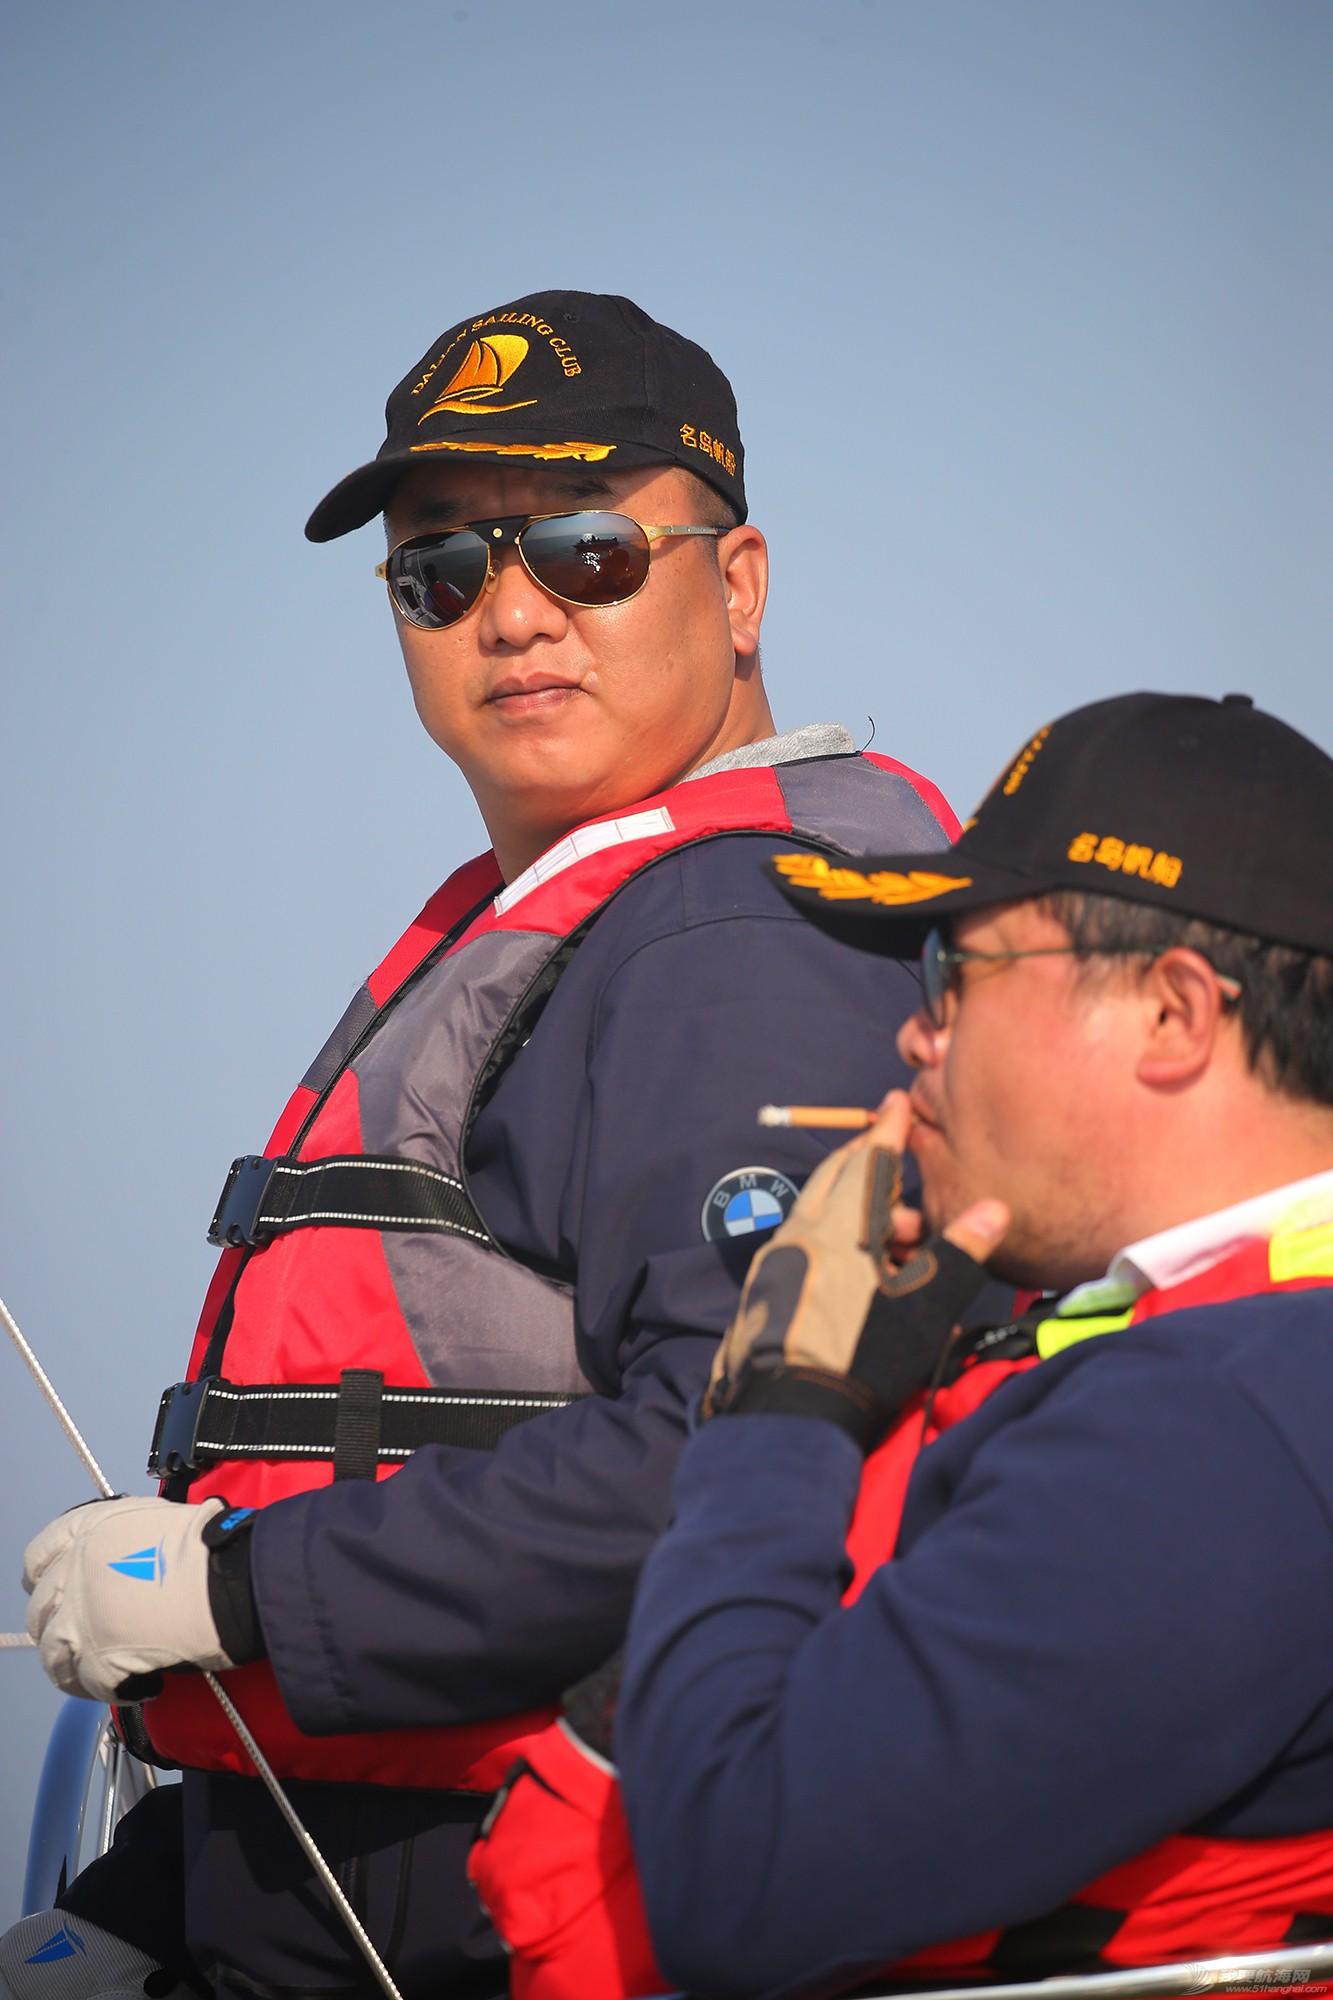 """拉力赛,帆船,太湖 2016""""菱湖湾杯""""环太湖帆船拉力赛参赛船队、船员风采 E78W1557.JPG"""